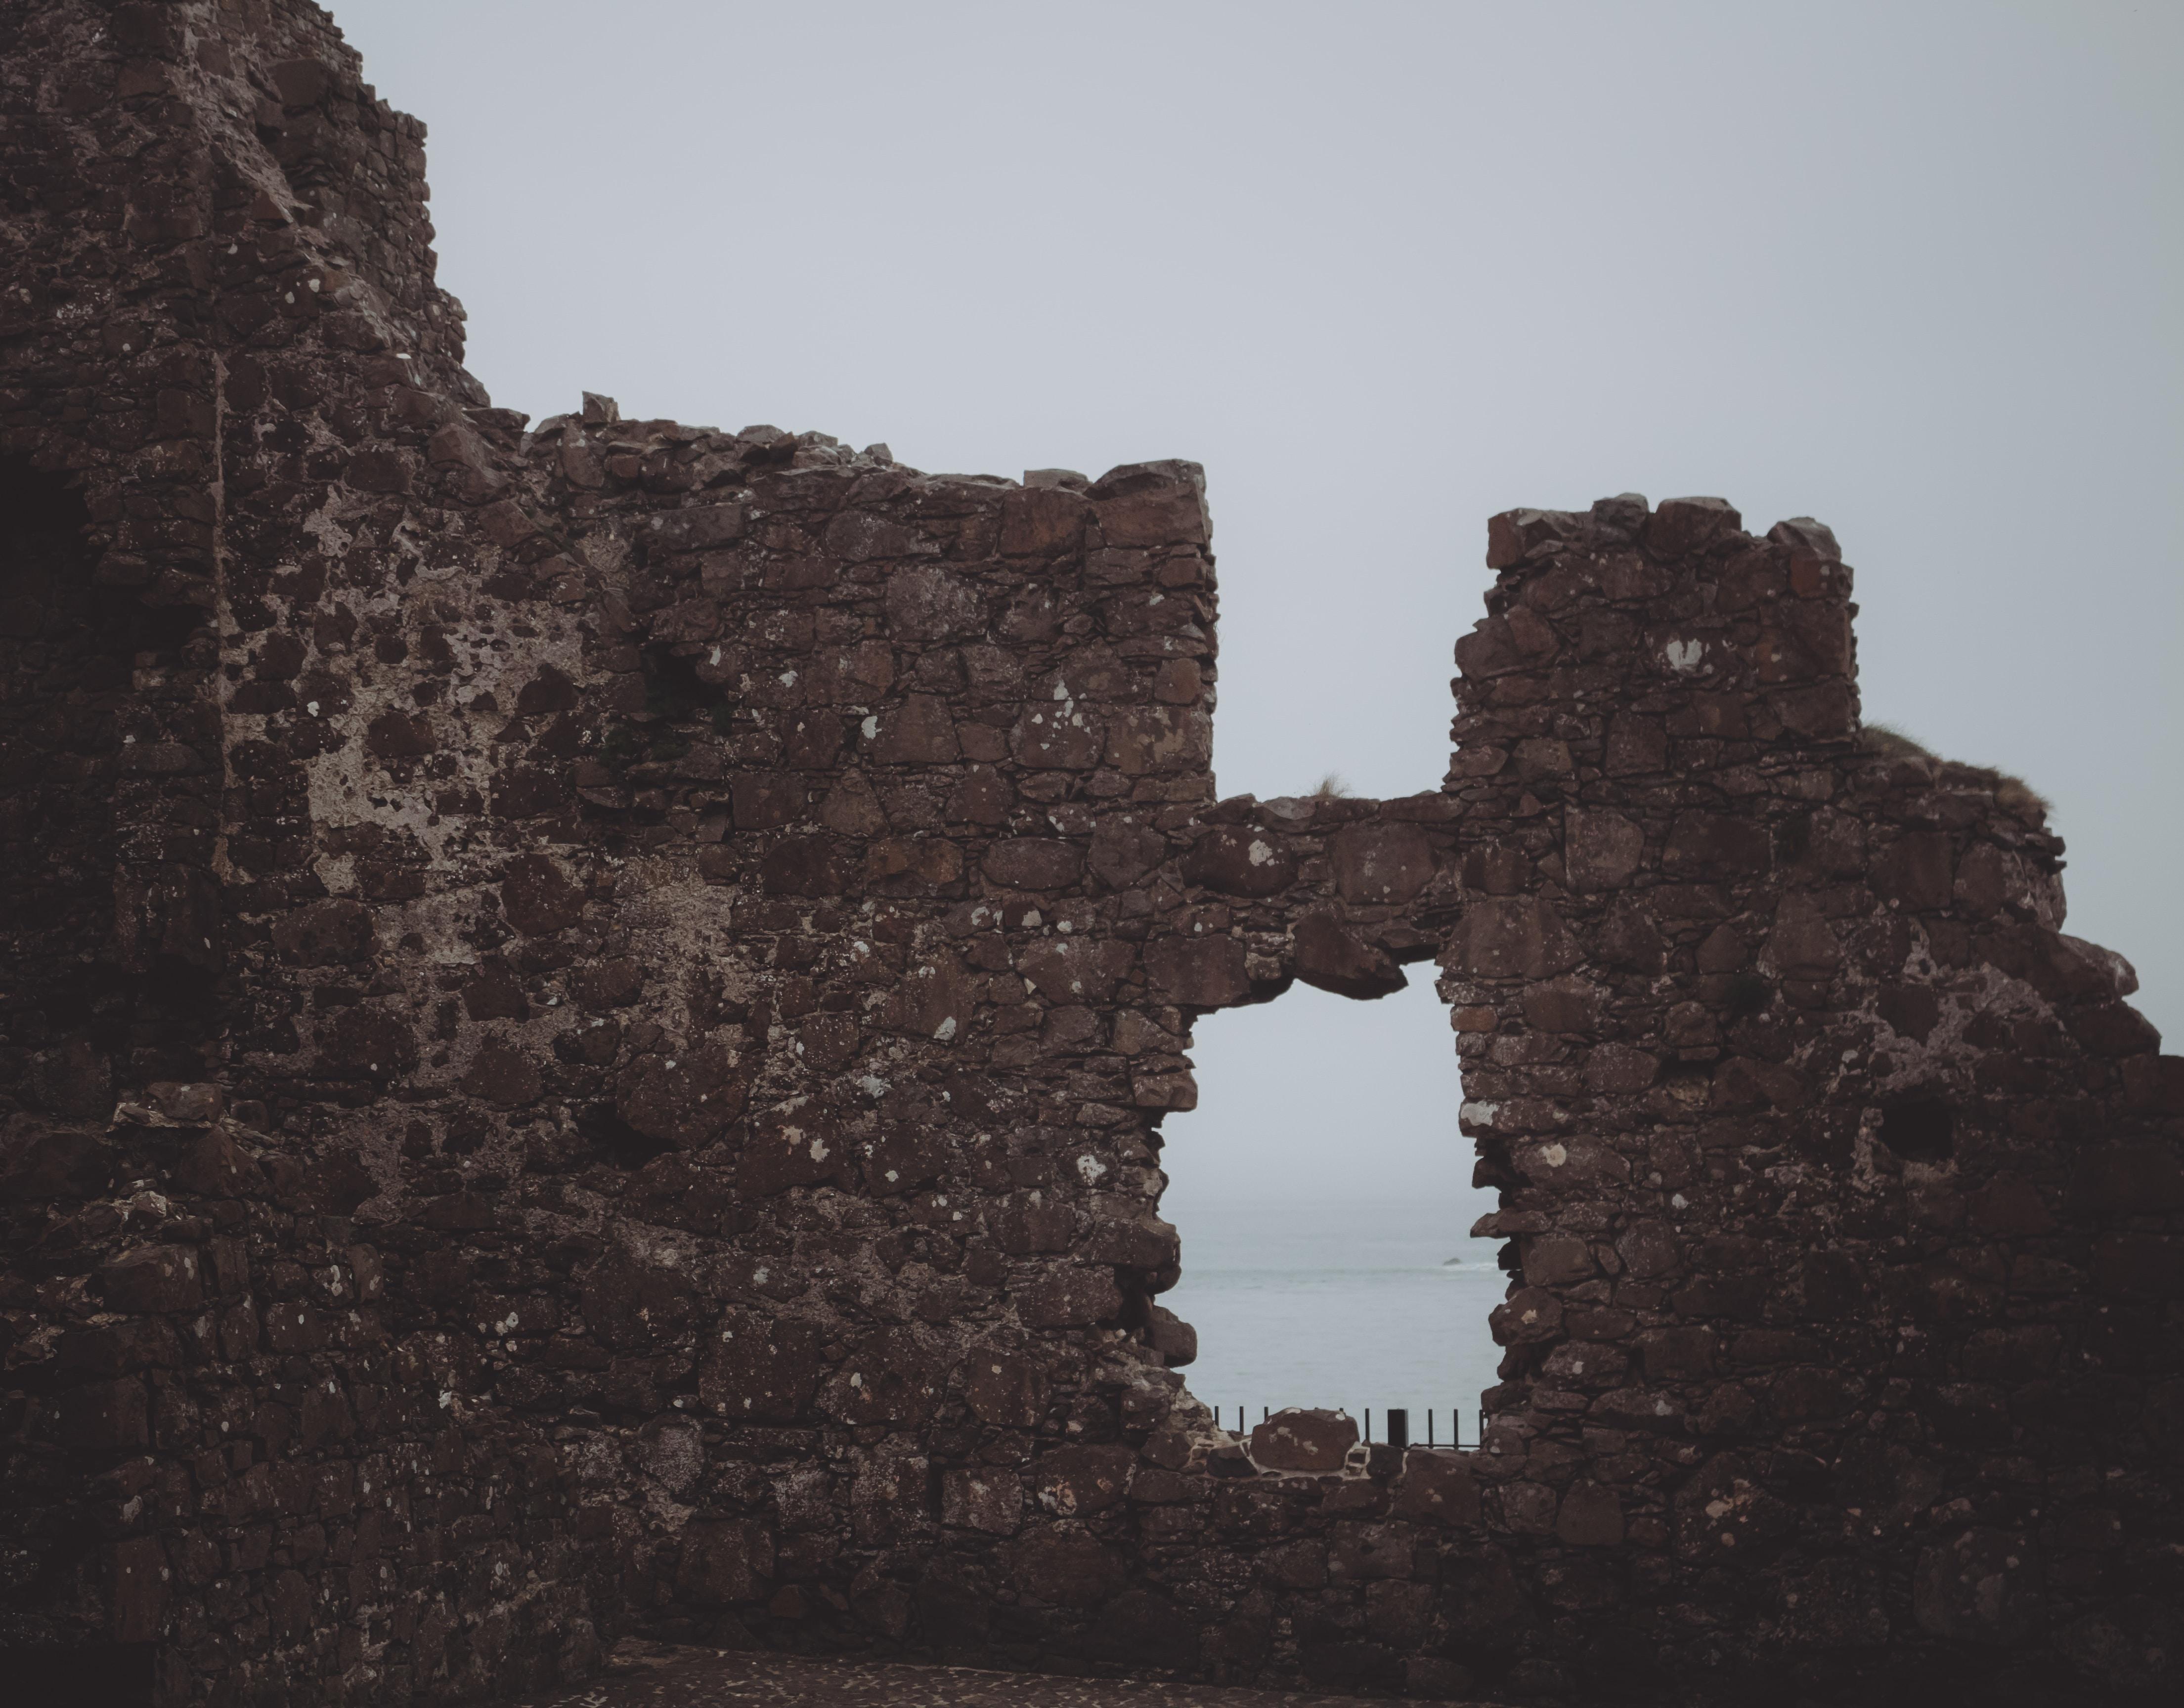 brown castle ruin landscape photography